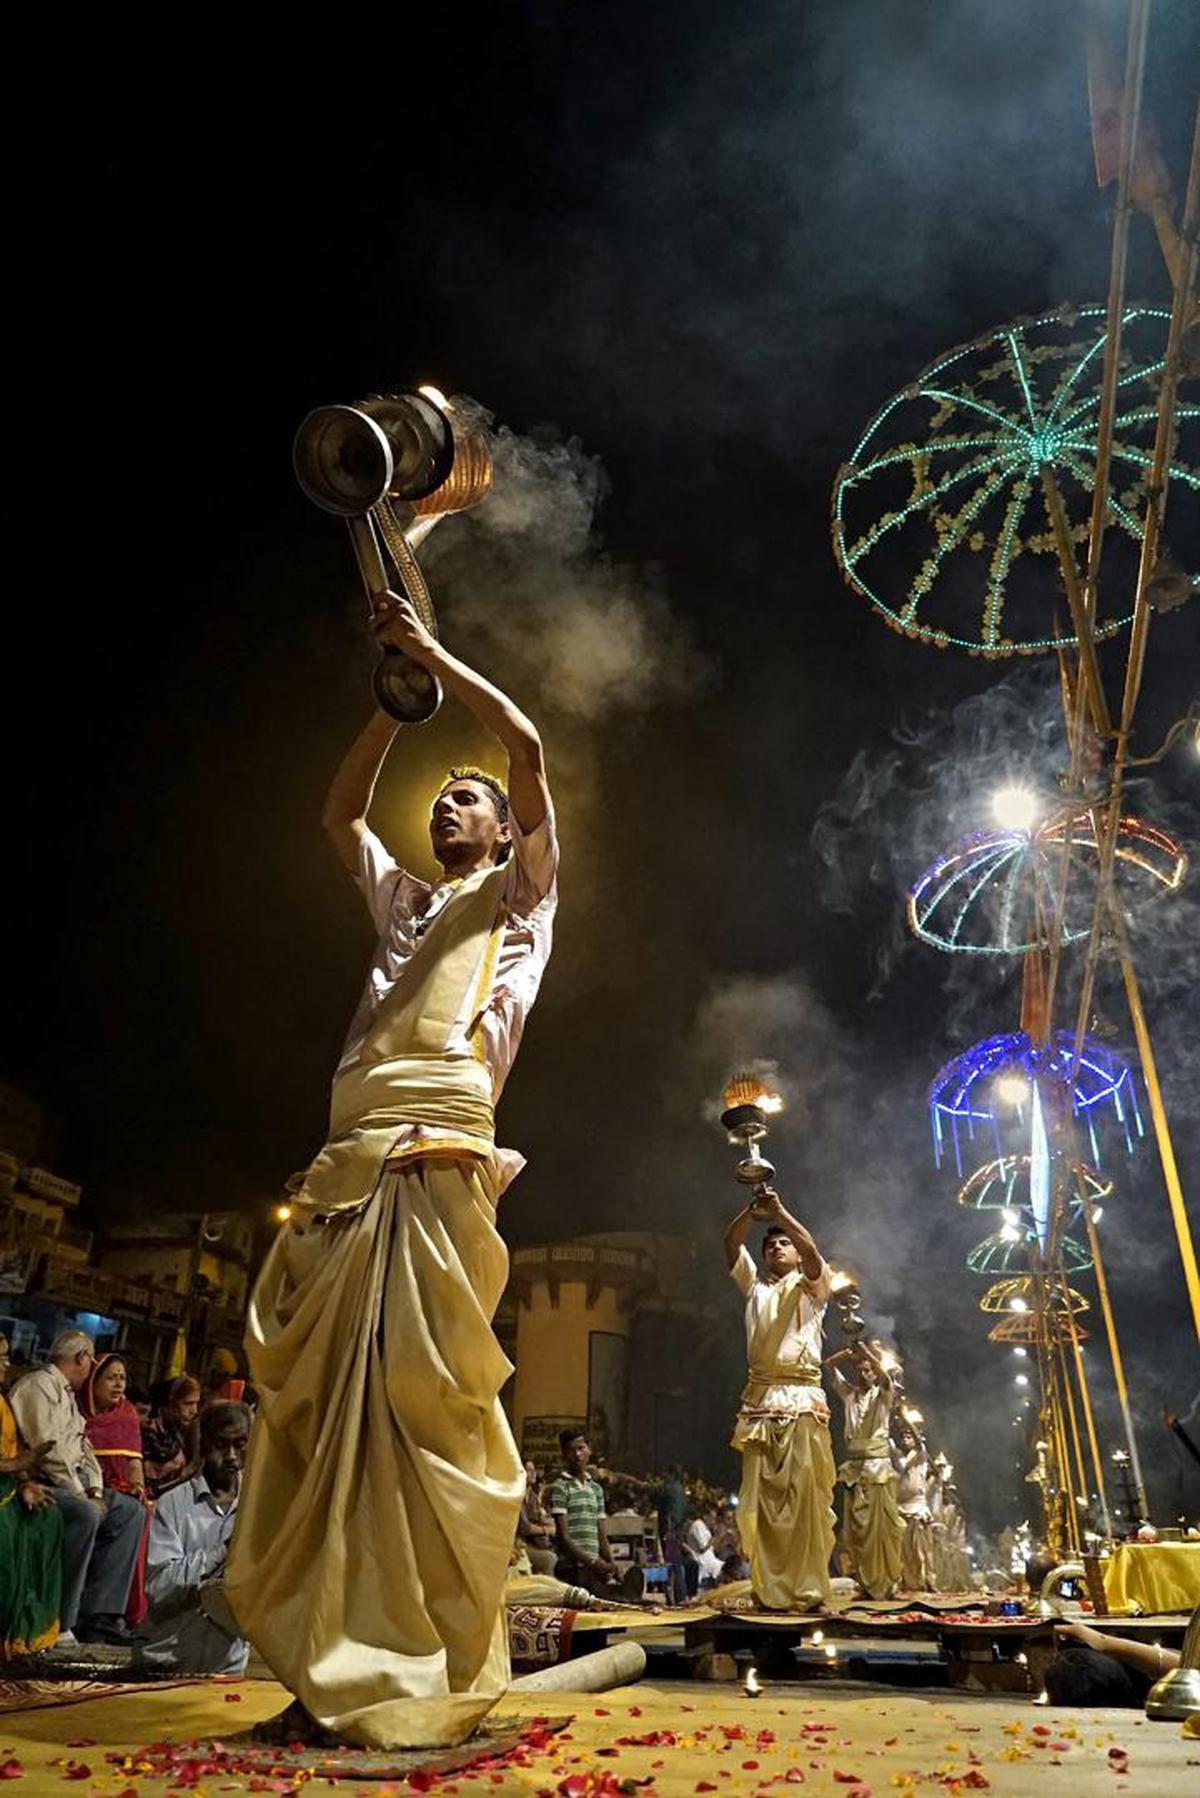 Image of Statue, Sculpture etc.